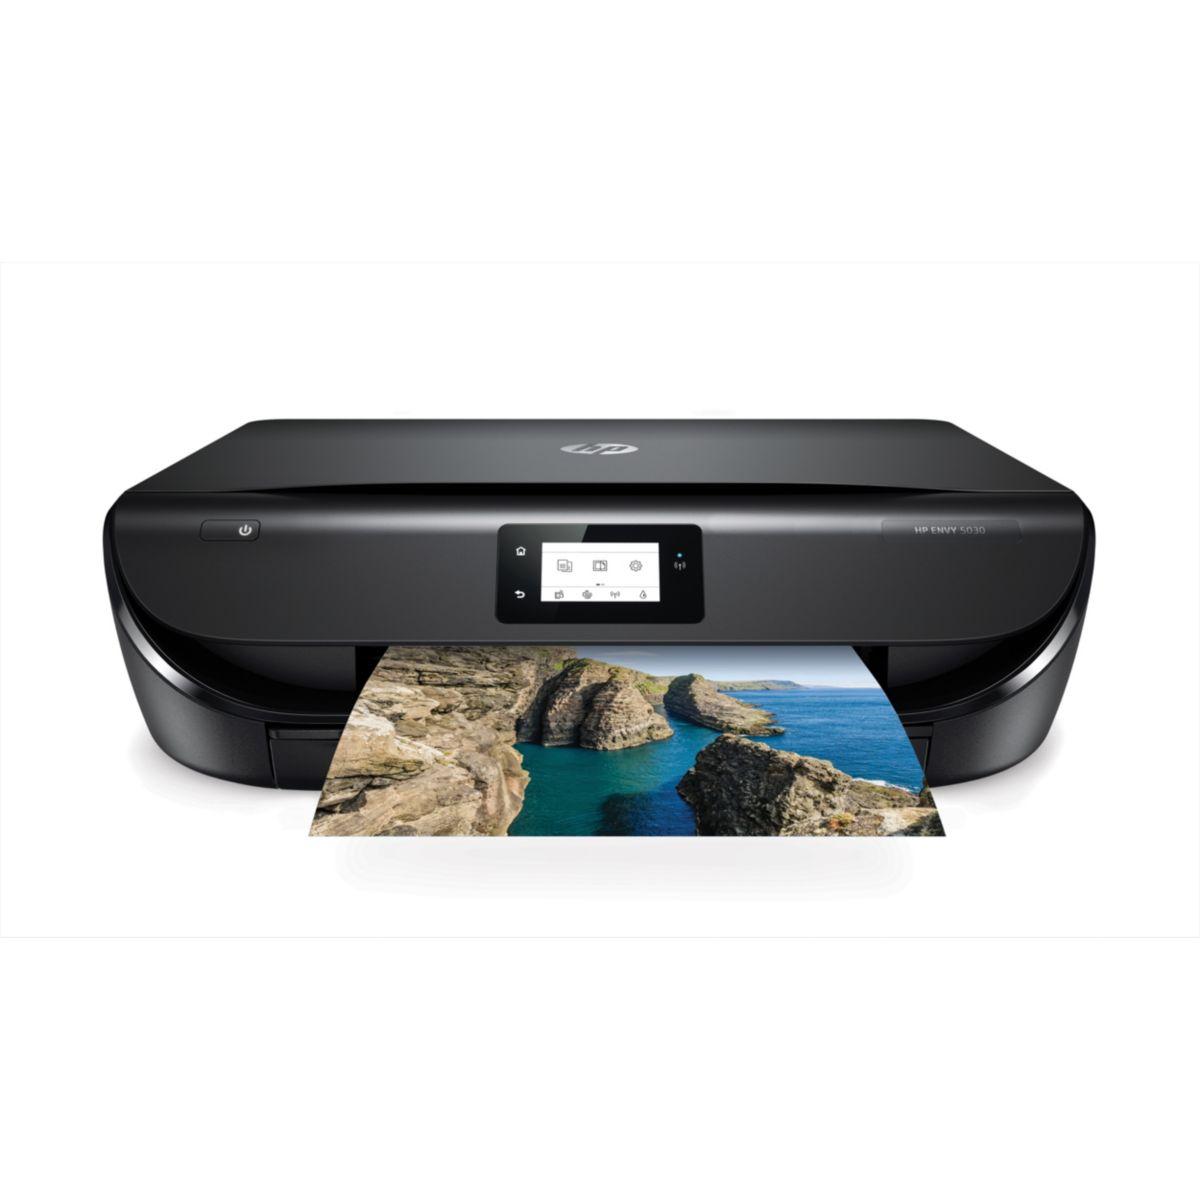 Imprimante jet d'encre HP Envy 5030 (photo)